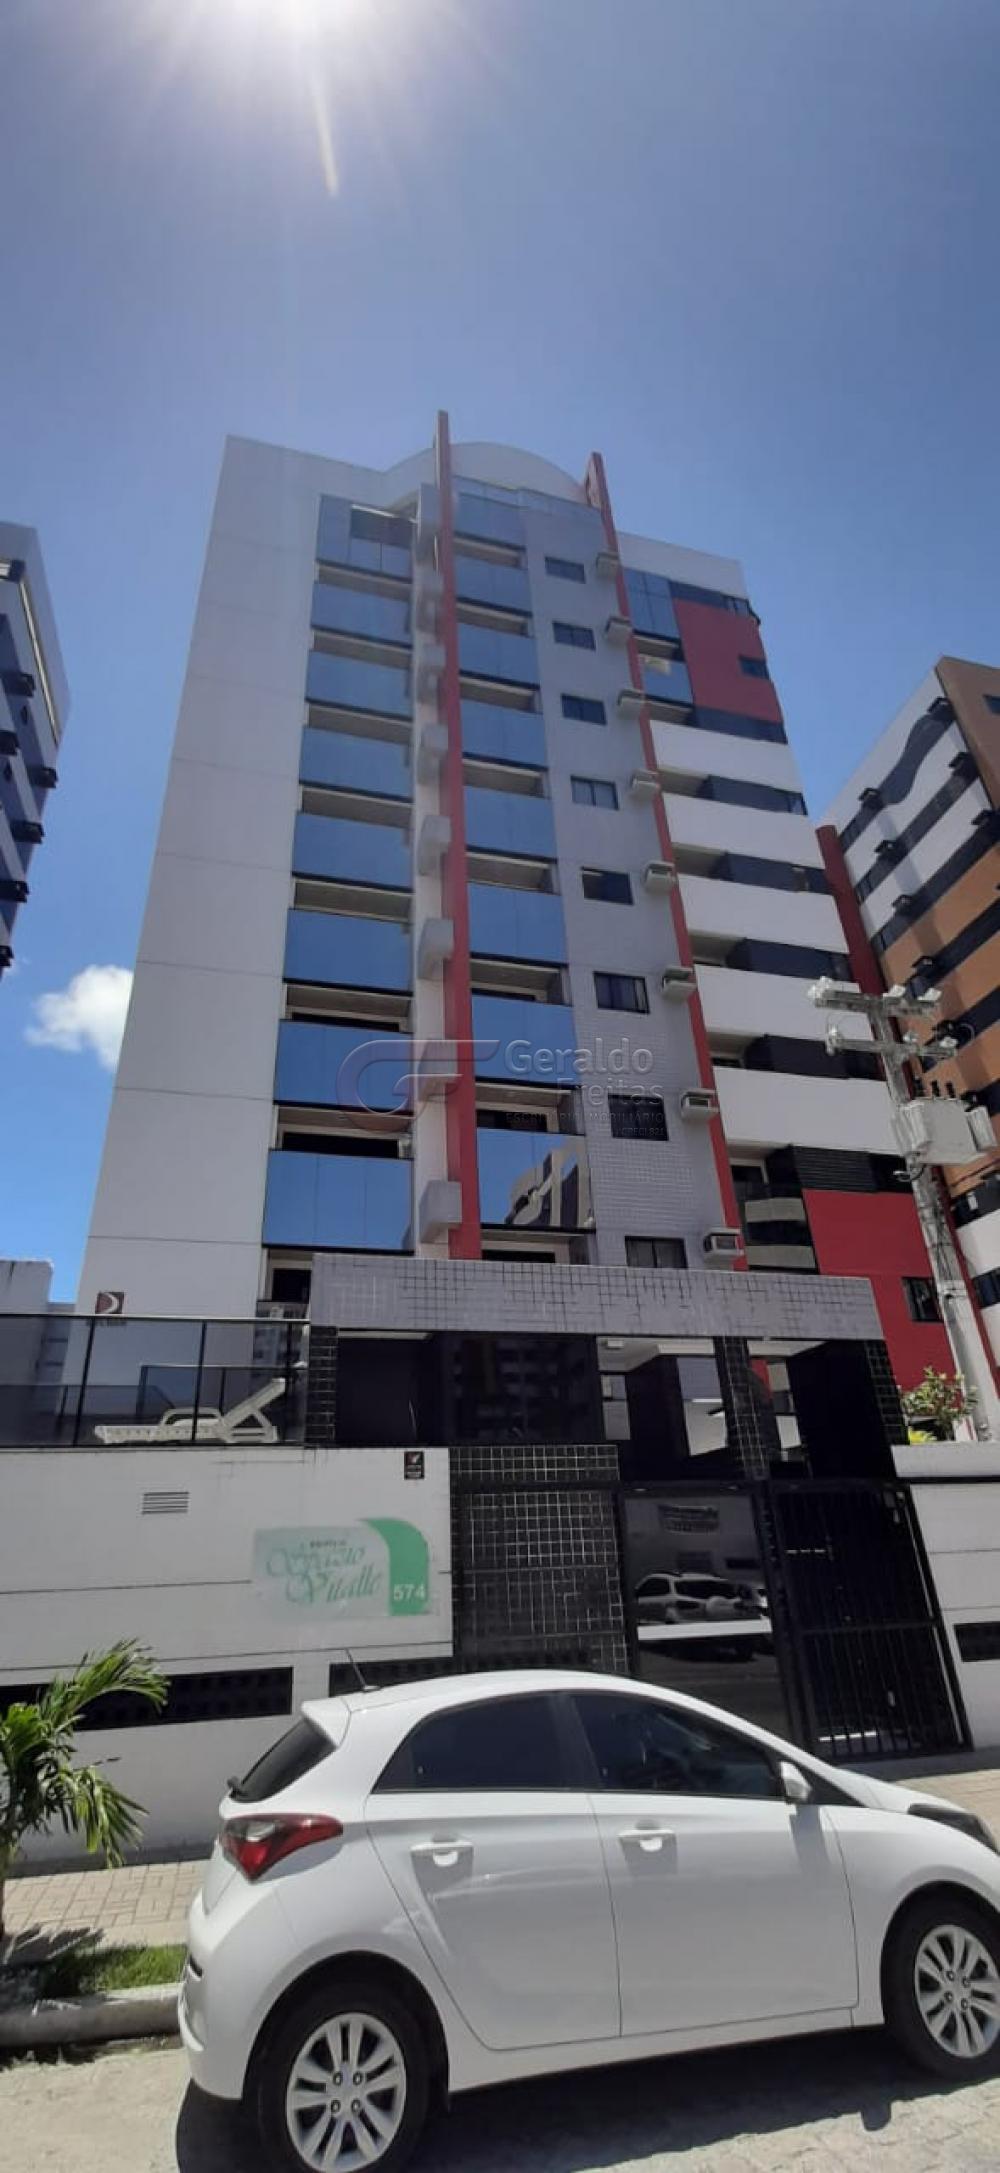 Comprar Apartamentos / 02 quartos em Maceió apenas R$ 280.000,00 - Foto 1